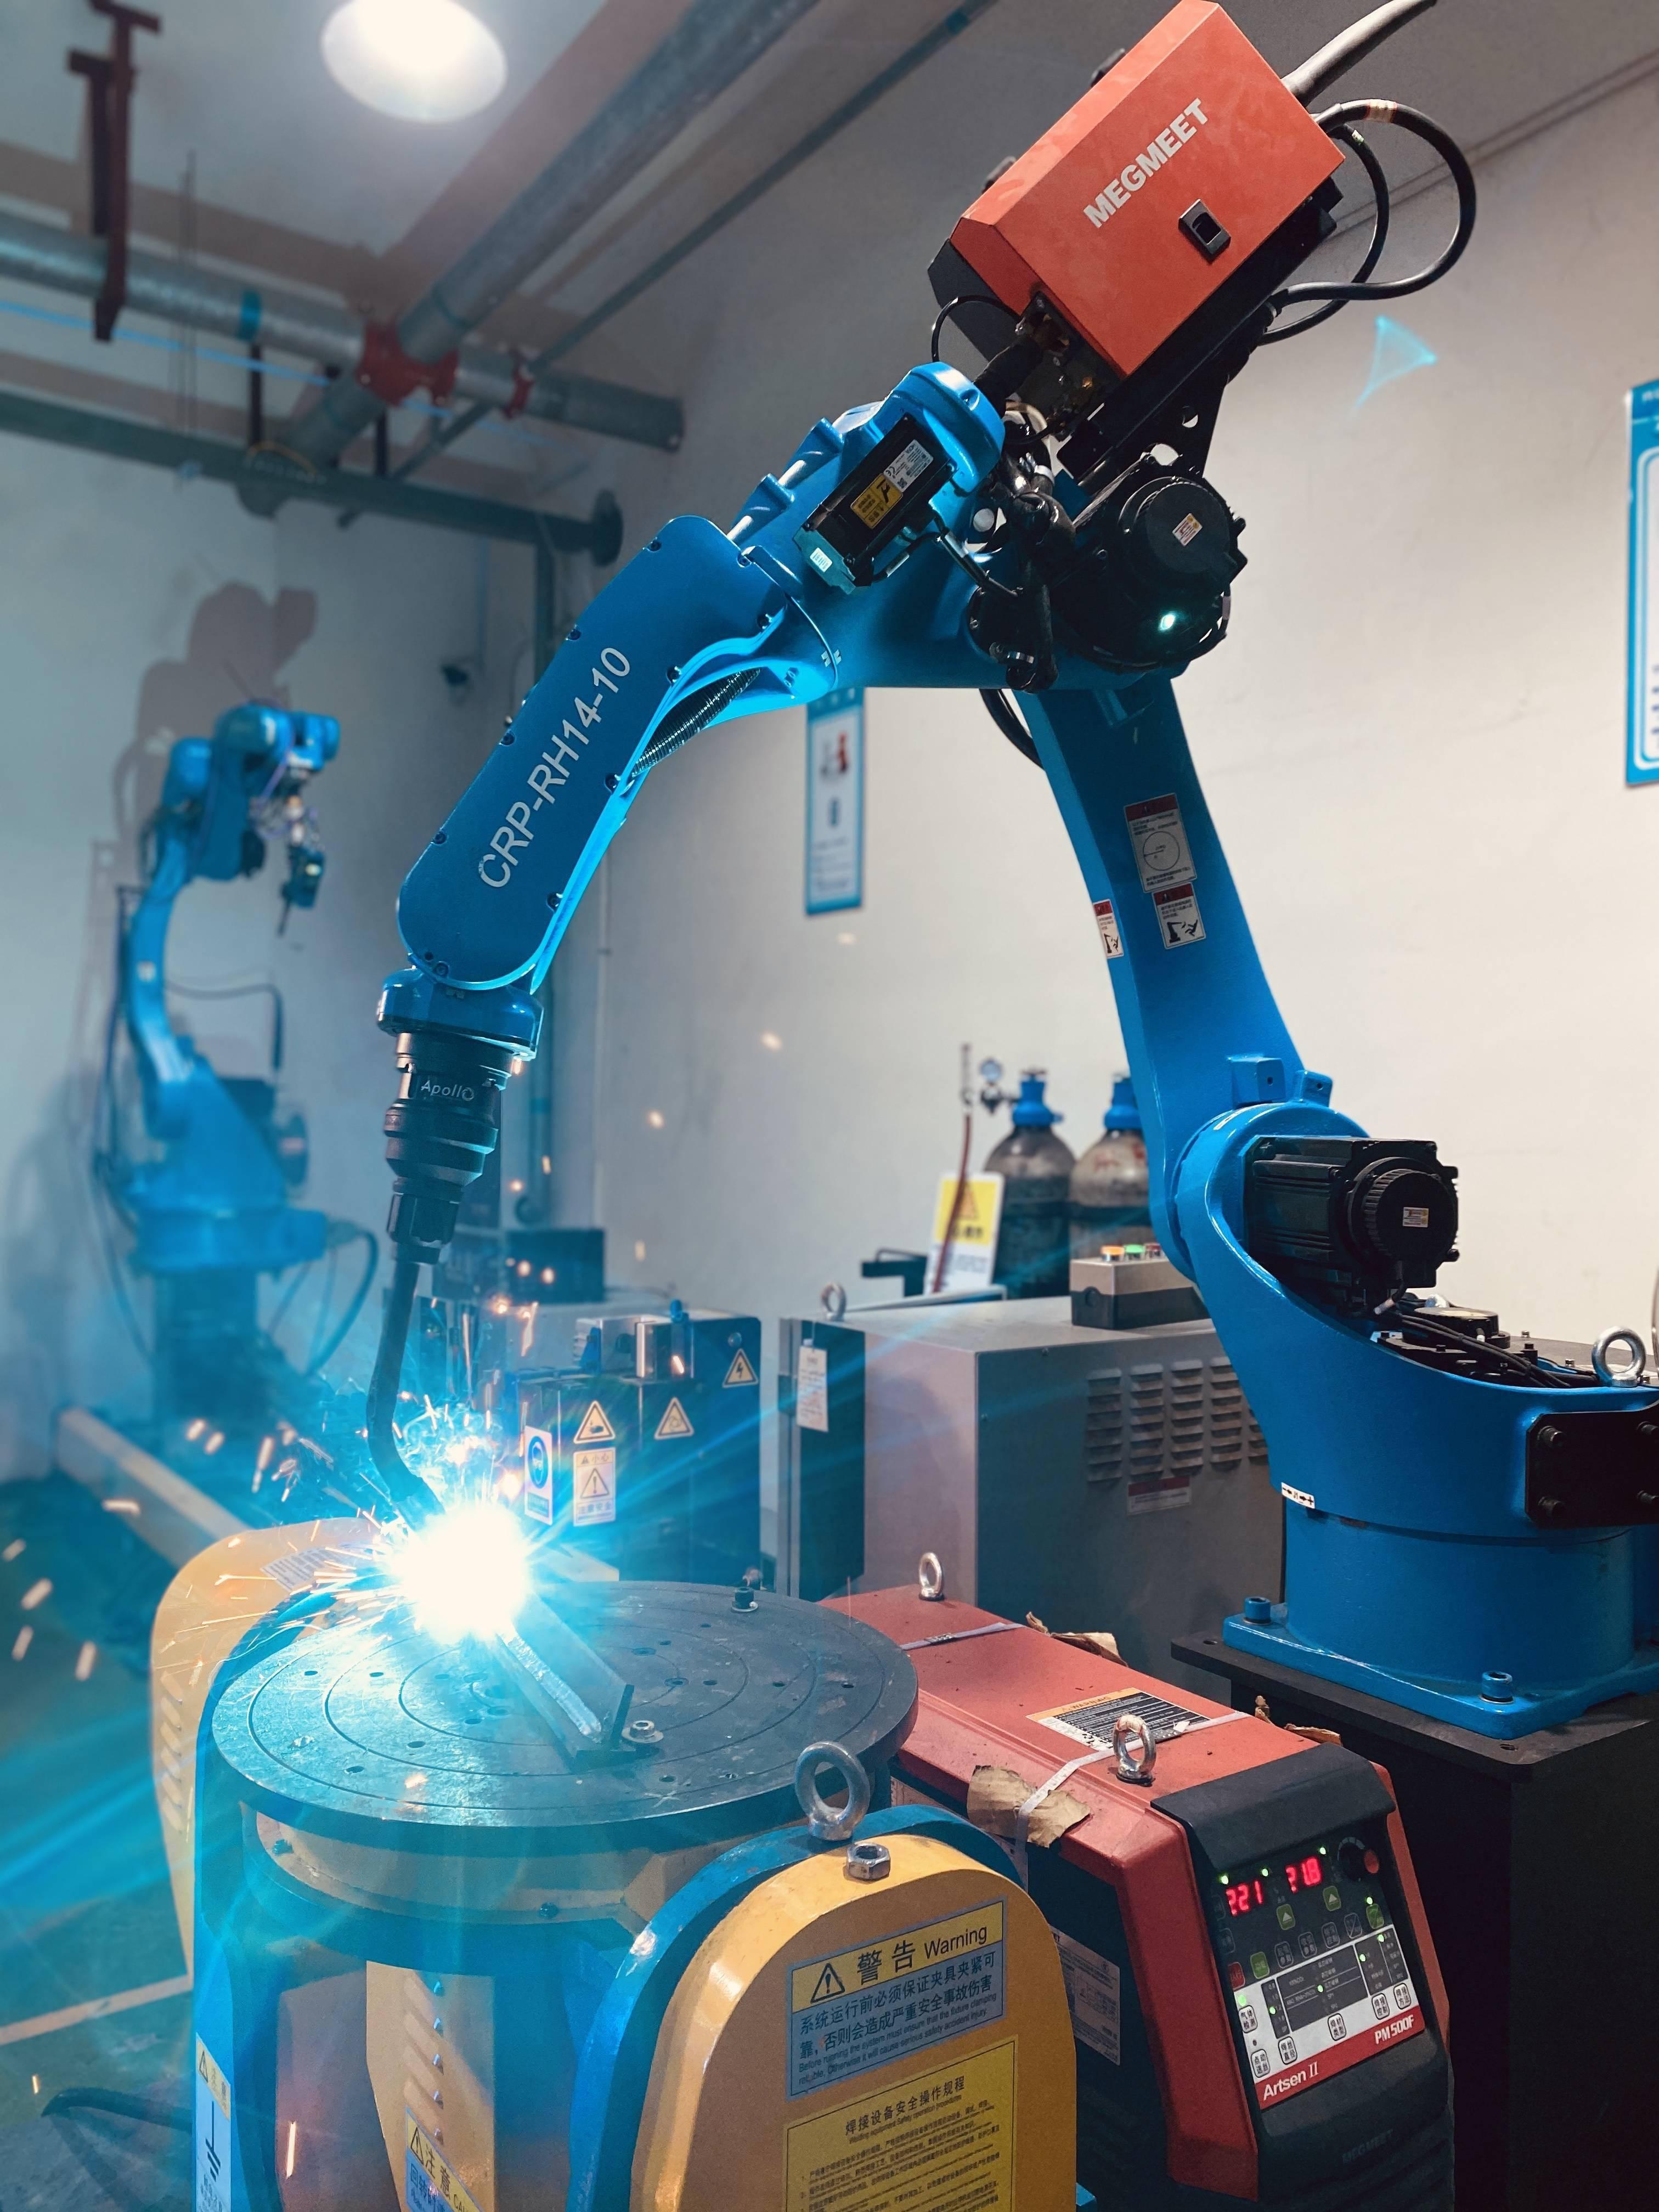 聚焦通用工业细分领域,卡诺普国产替代加速进行时